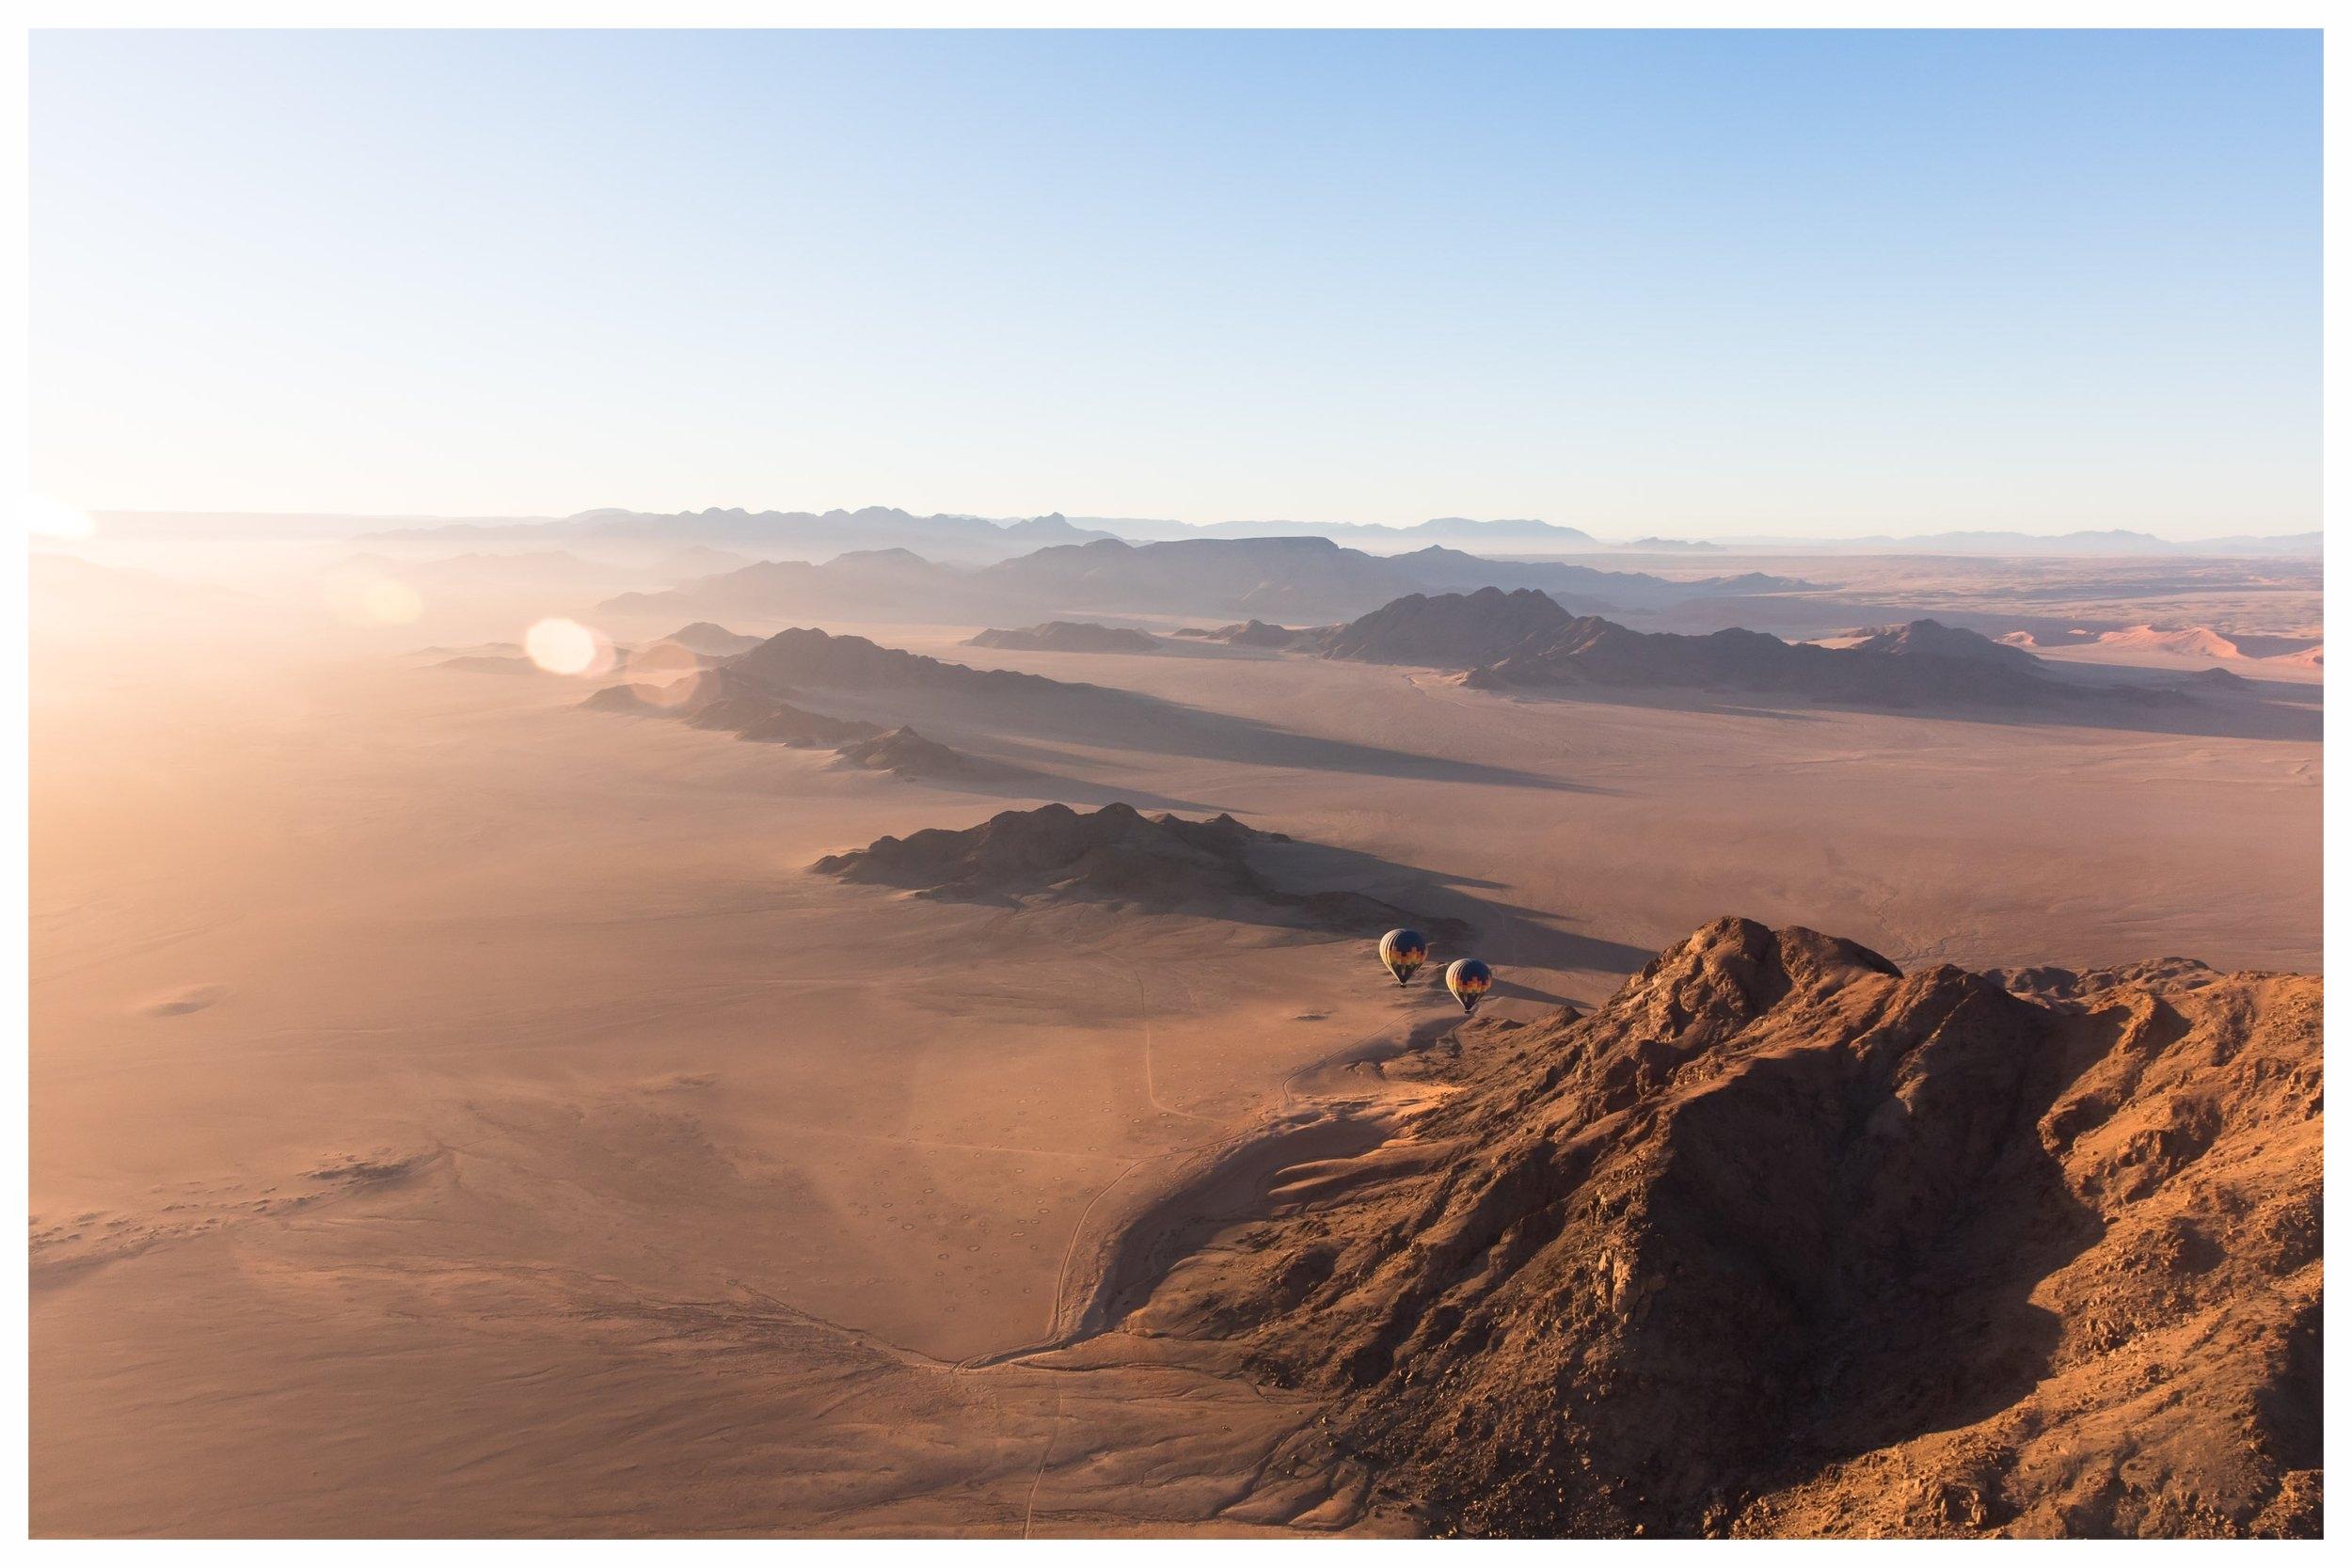 Namibia Beeindruckende Weite - Landschaften, die so faszinierend sind, dass sie sich für die Ewigkeit einprägen. Aussichten, so weit das Auge reicht, und Begegnungen mit Ureinwohnern im Norden des Landes, die unvergesslich bleiben. Das alles ist Namibia, das Land der roten Stille. Seinen Namen verdankt es der Kalahari, einer der größten Sandwüsten der Welt mit ihrem feinen roten Sand. Besonders beeindruckend sind in Namibia das Sossusvlei-Gebiet und die Skeleton Coast. Namibia ist touristisch zwar bereits gut erschlossen, aber auch hier zeigen wir das Land von seiner unberührten Seite, indem wir Sie auf Pfade abseits der bekannten Plätze mitnehmen. Mit dem Kleinflugzeug oder Geländewagen lassen sich auch abgelegene Orte und besondere Ausblicke in völliger Abgeschiedenheit erkunden. Namibia wird Ihnen mit seiner Weite ein wirklich tiefes, inneres Freiheitsgefühl bescheren, das lange nachklingt.